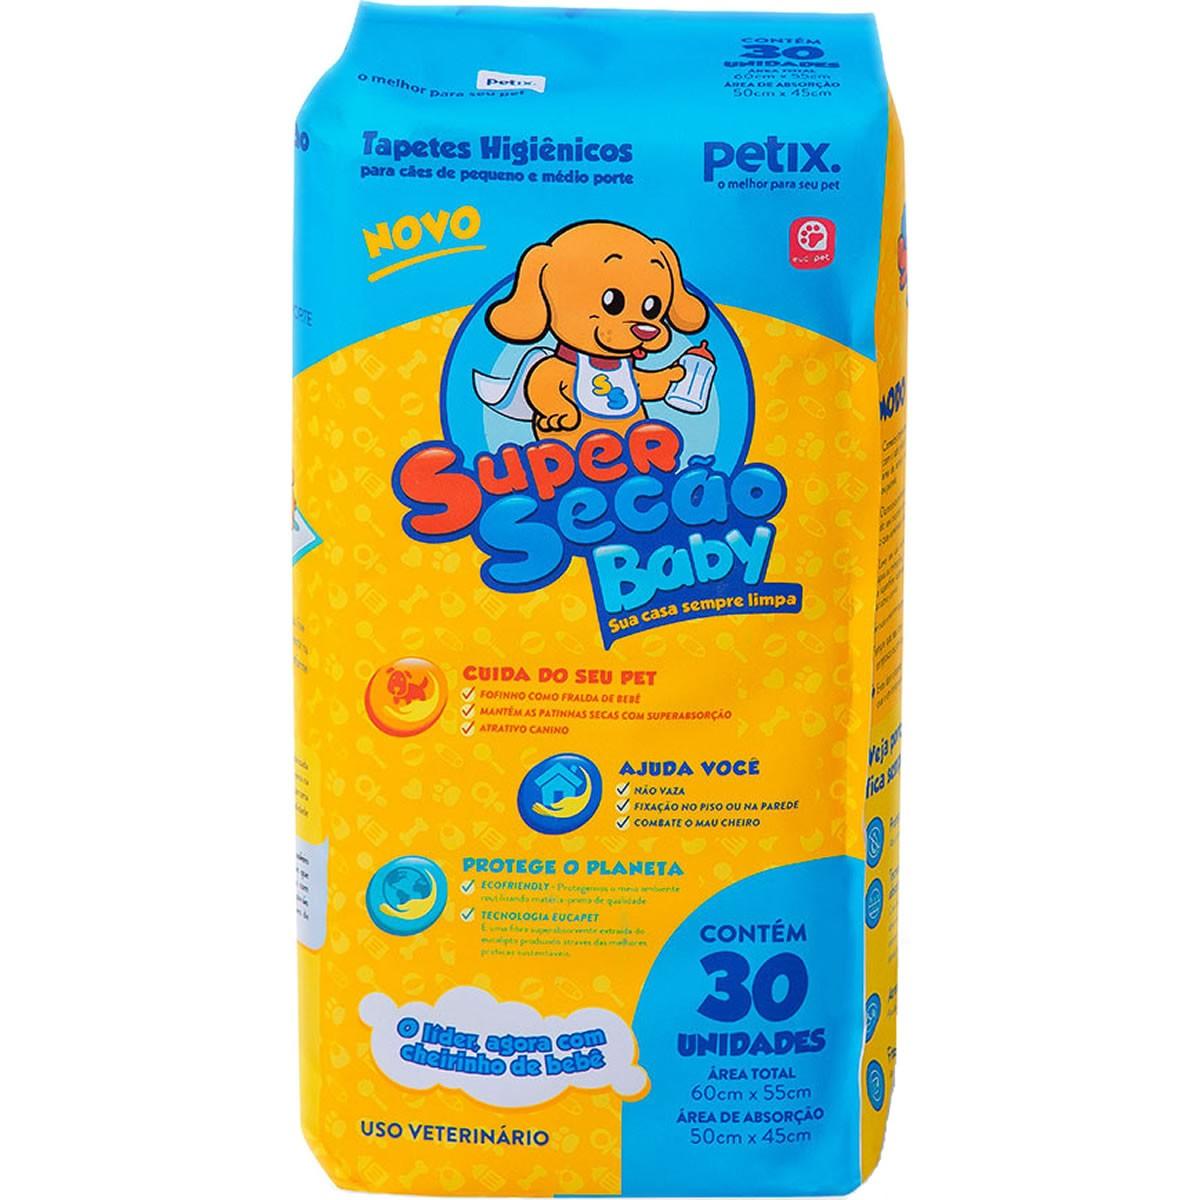 Tapete Higiênico Super Secão Baby para Cães Petix